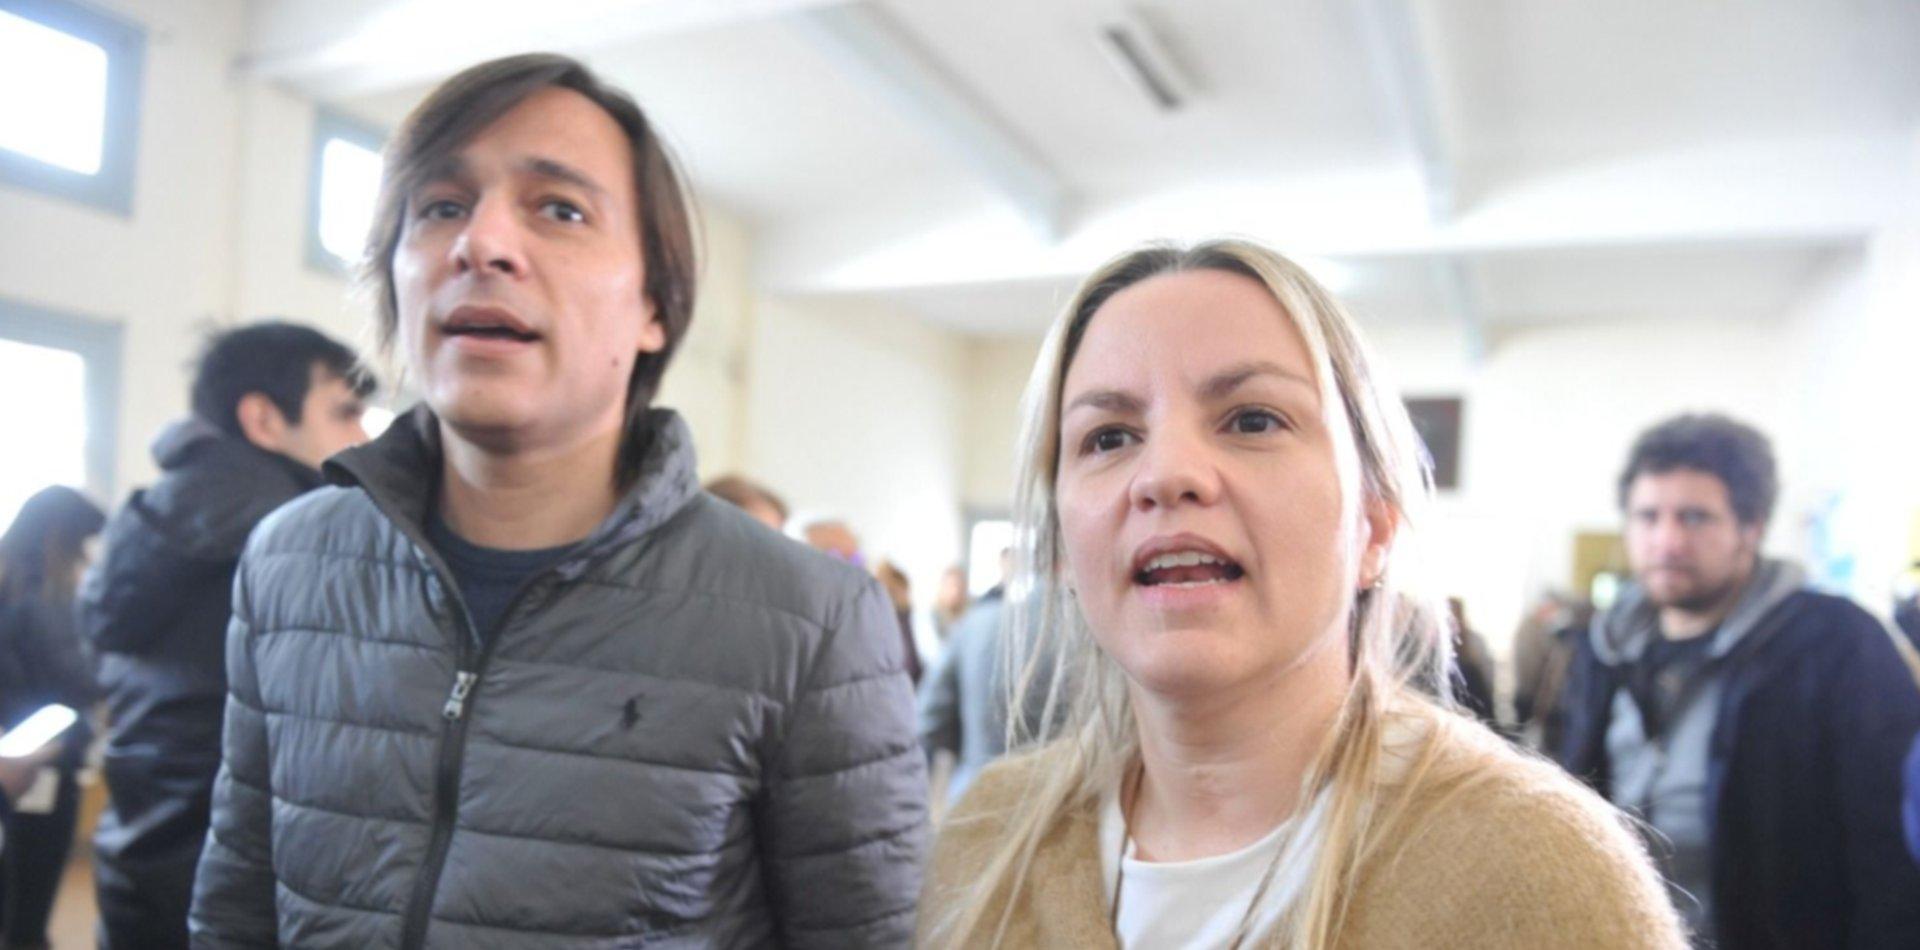 Le otorgaron la prisión domiciliaria a Buzali: el marido de Piparo deberá usar tobillera